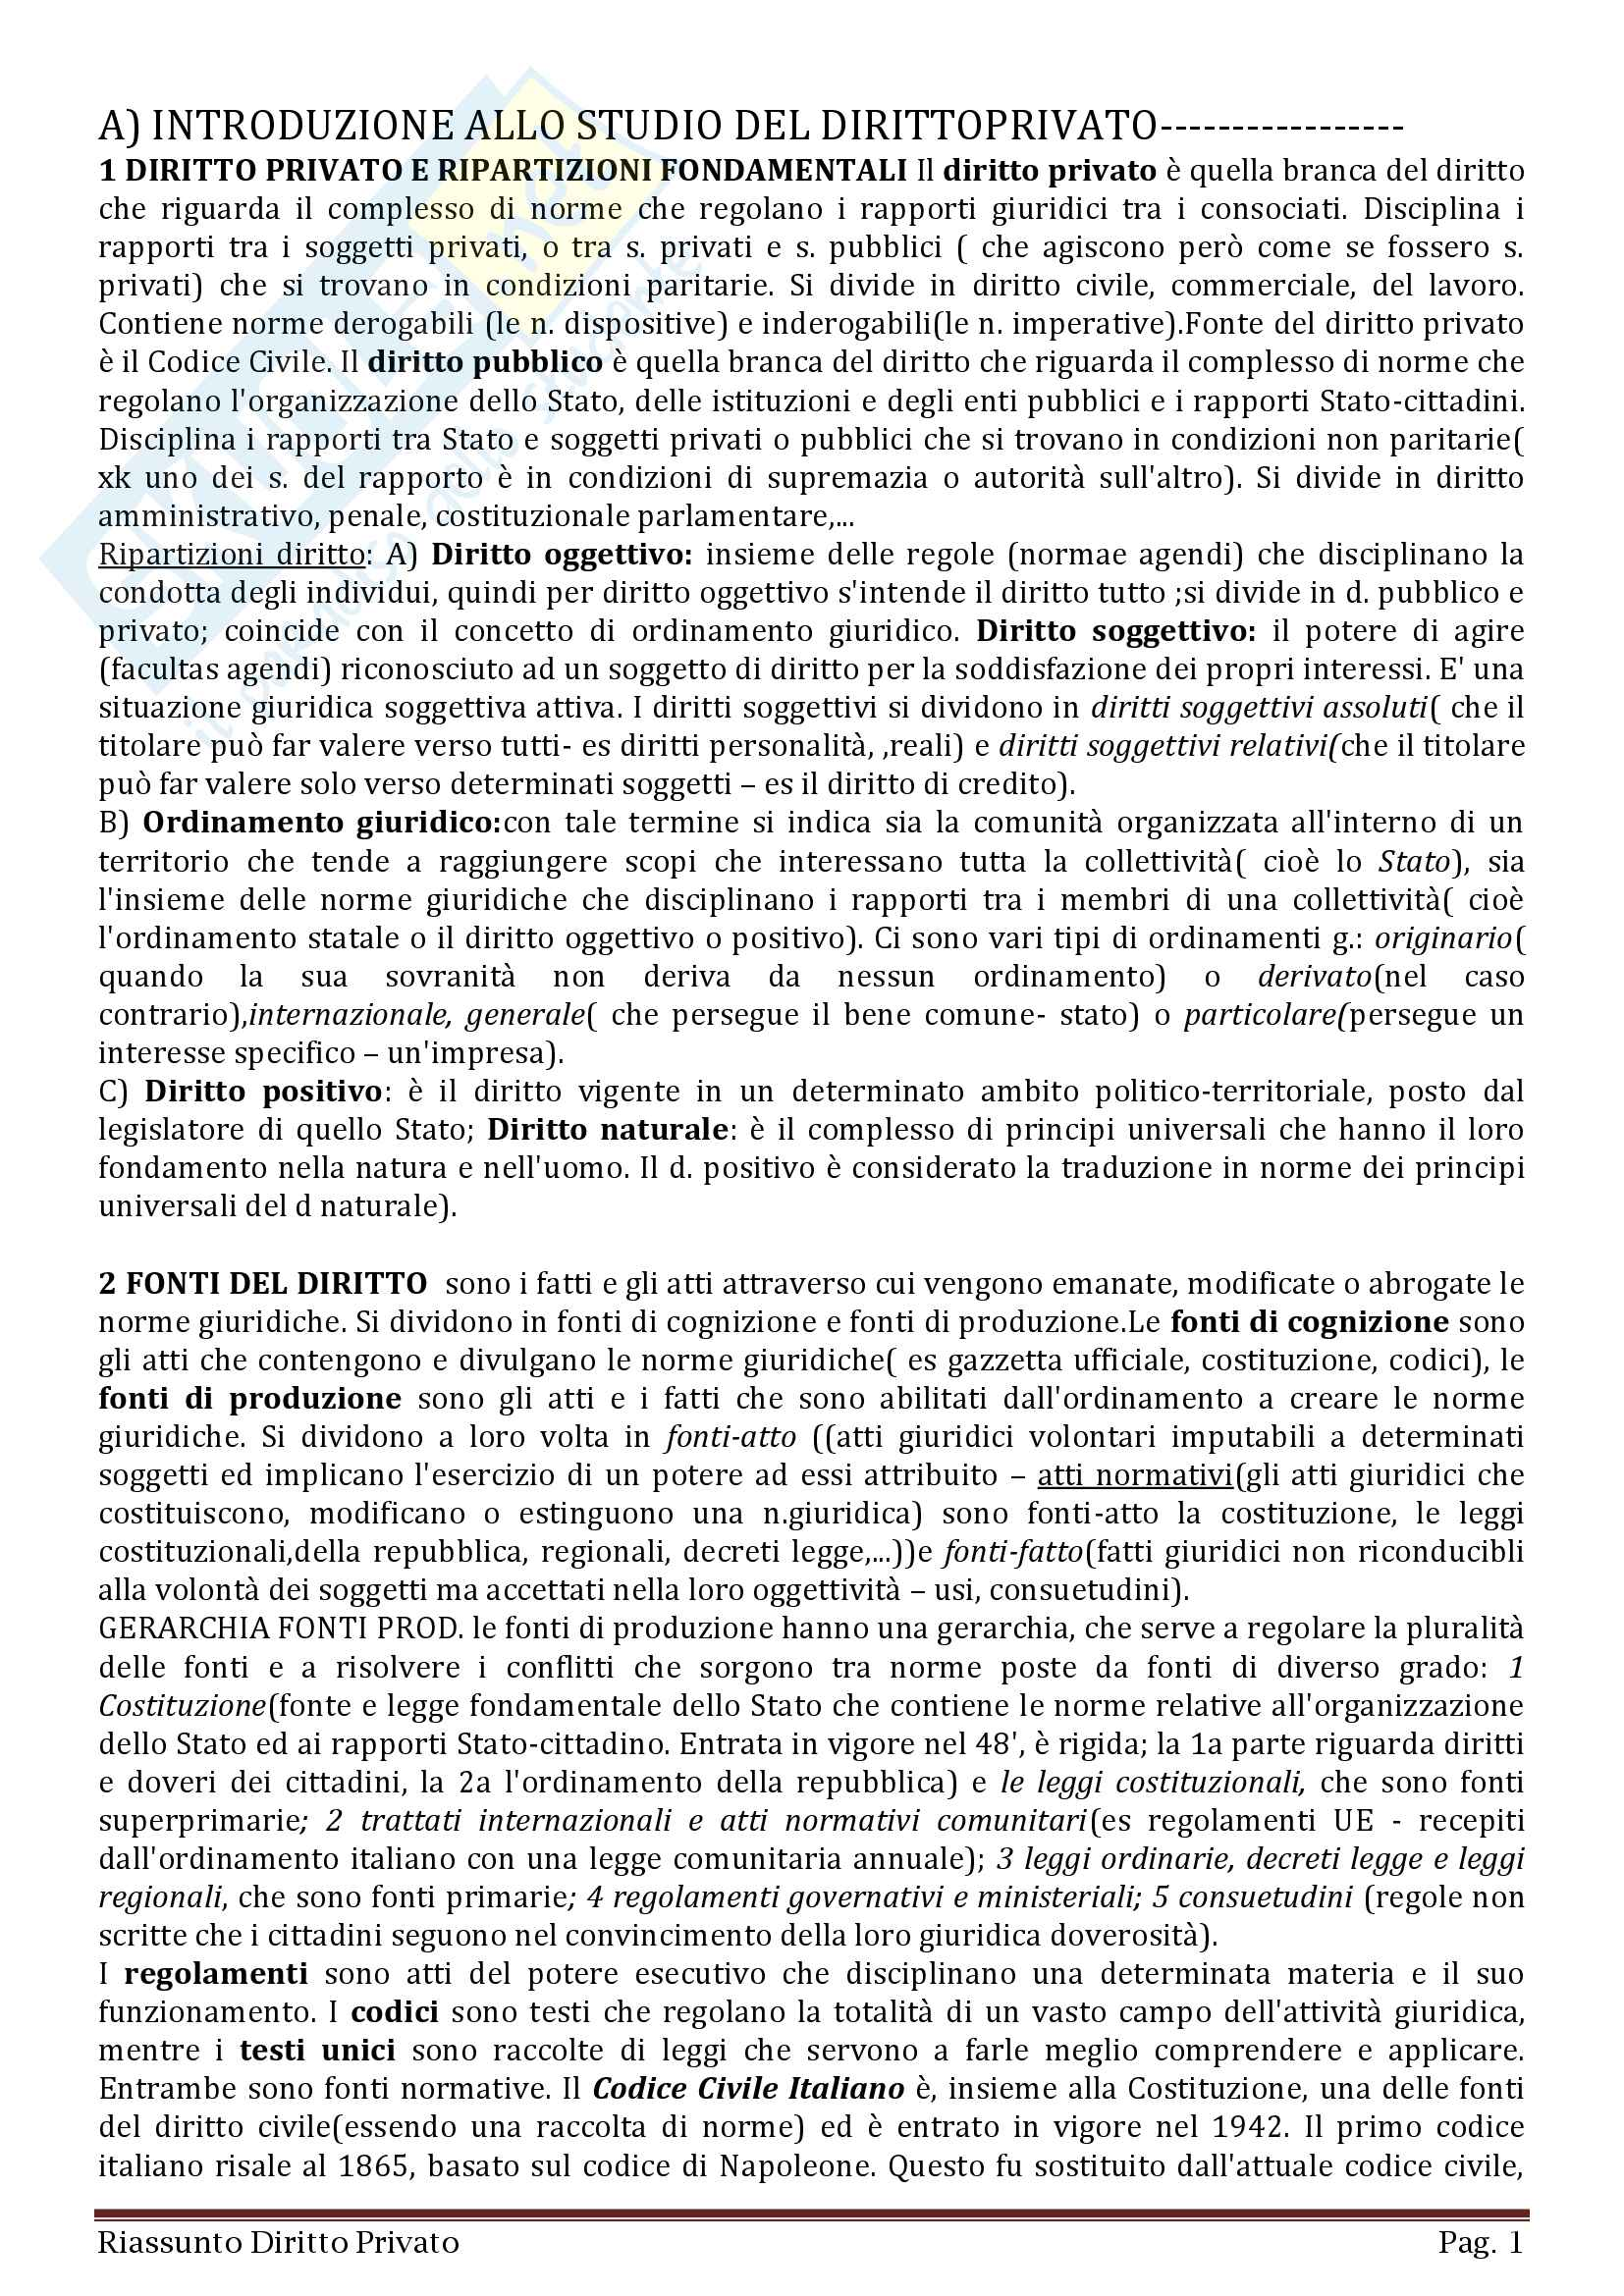 Diritto privato in 93 pagine, Appunti completi, chiari e schematici